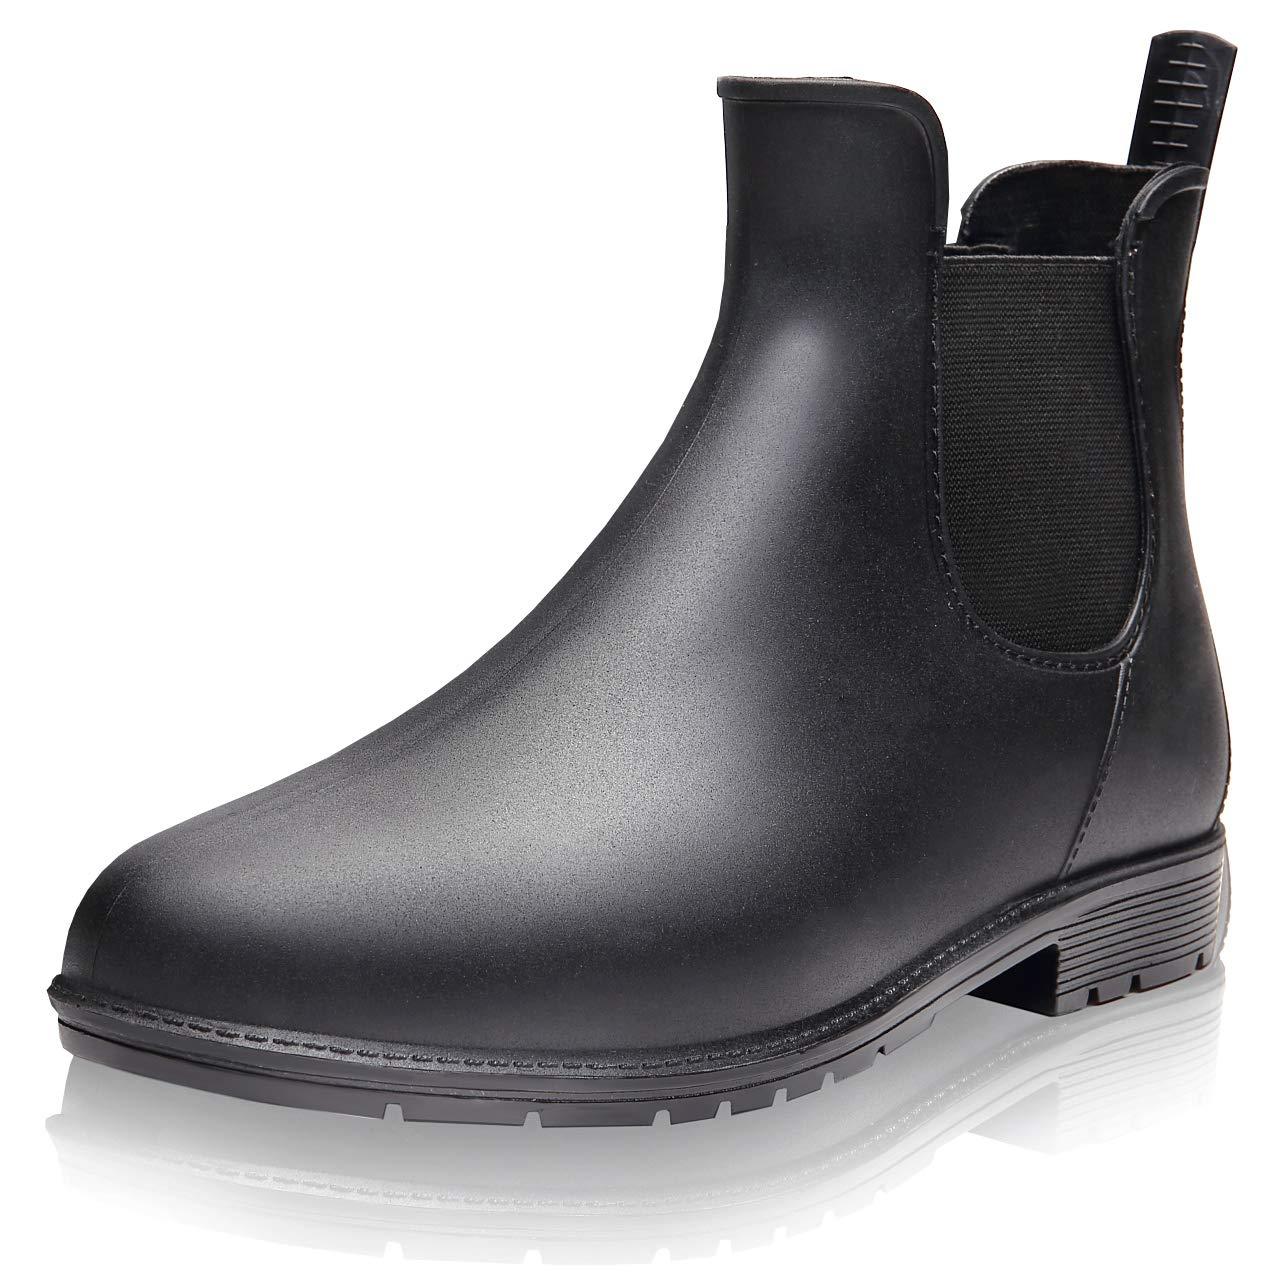 9c3ec4f6223e92 [aloalo hola] レインブーツ レインシューズ レディース メンズ 雨靴 サイドゴア